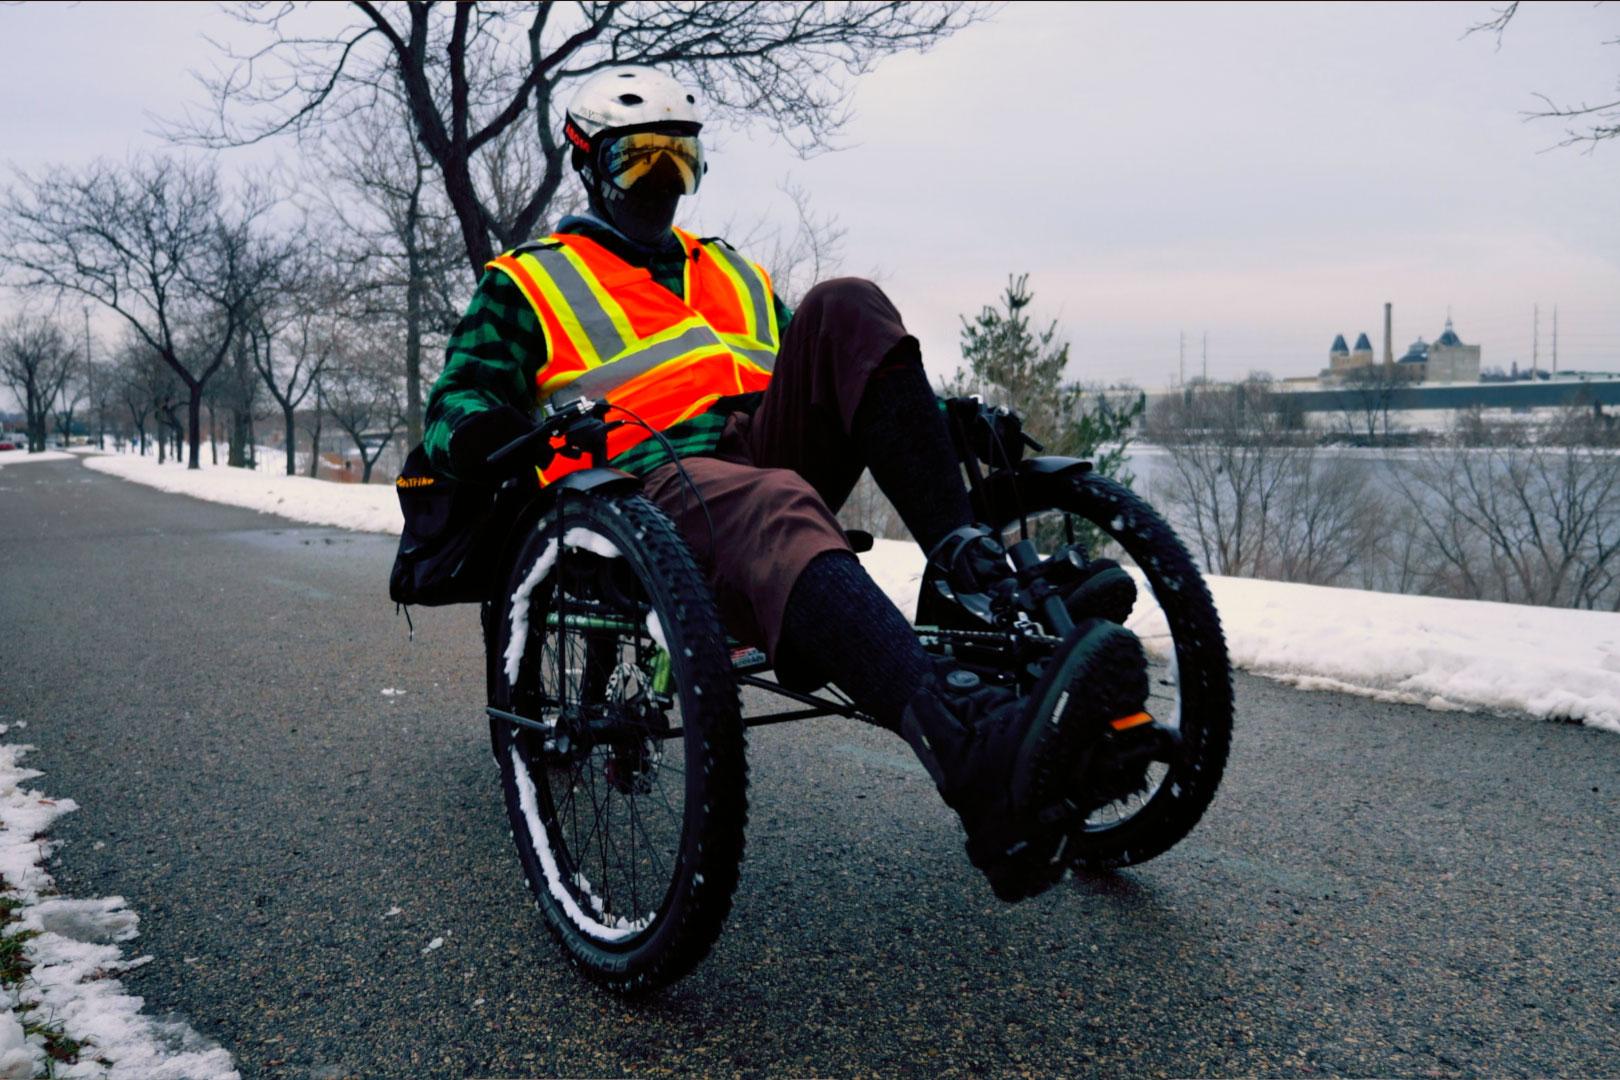 terratrike rambler riding bike path